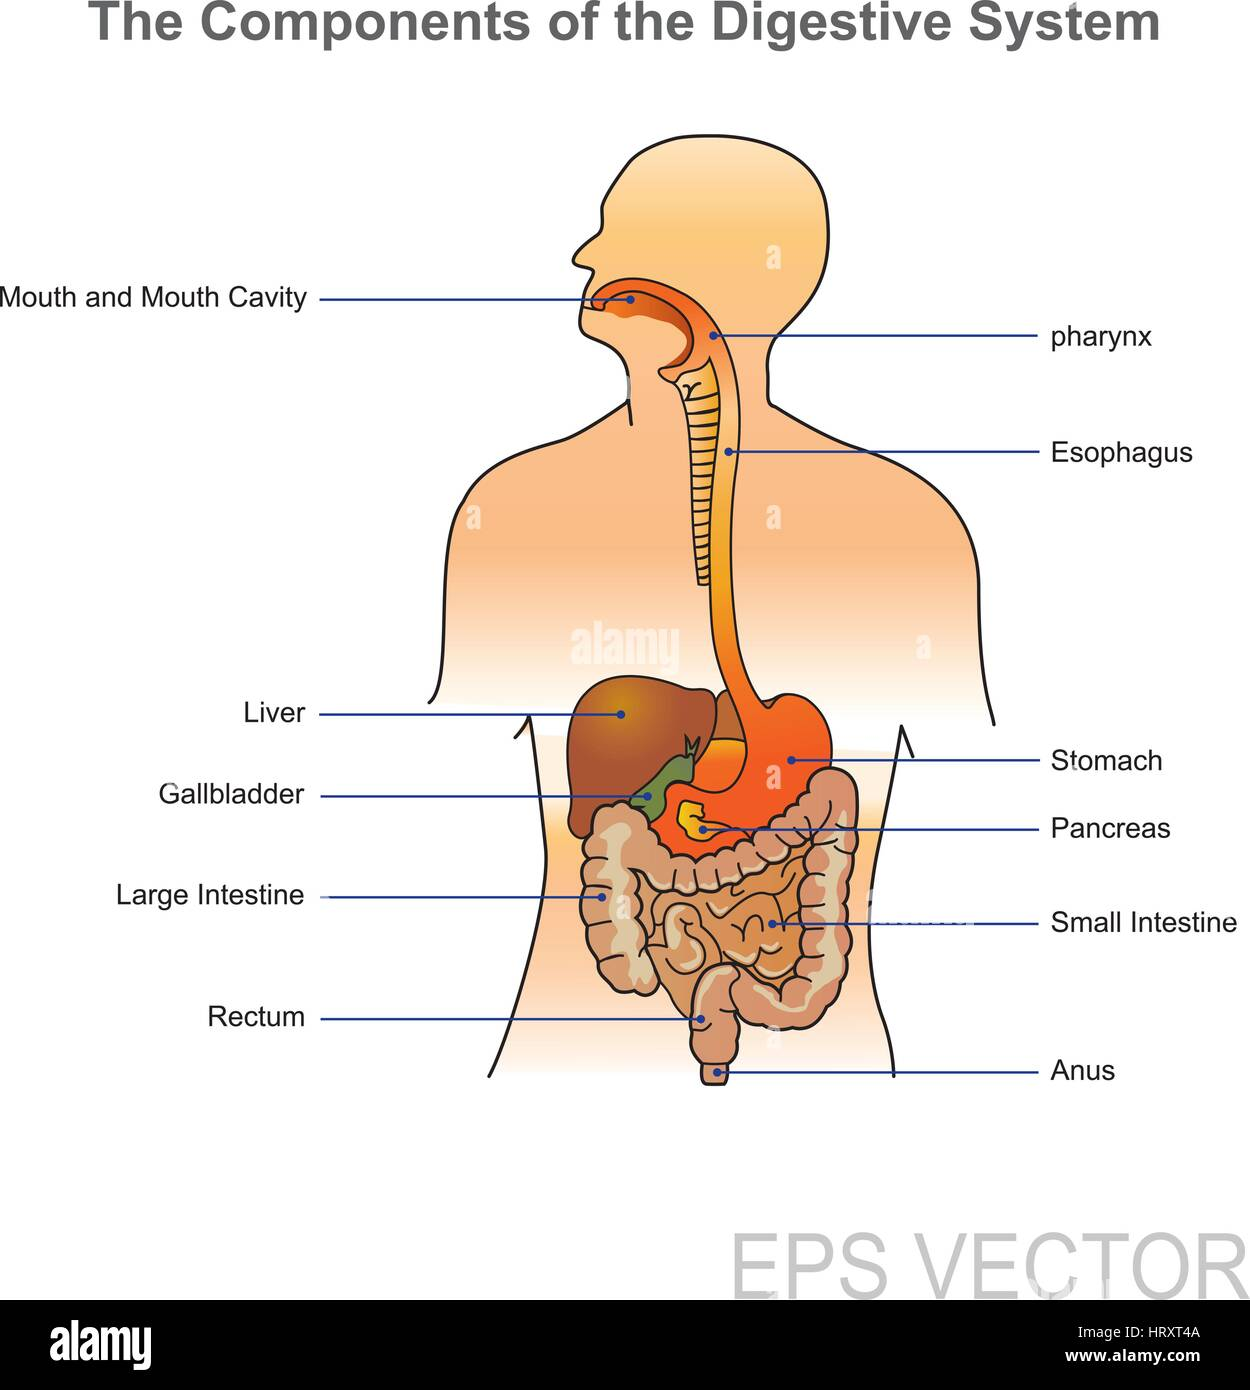 human digestive system stock photos u0026 human digestive system stock